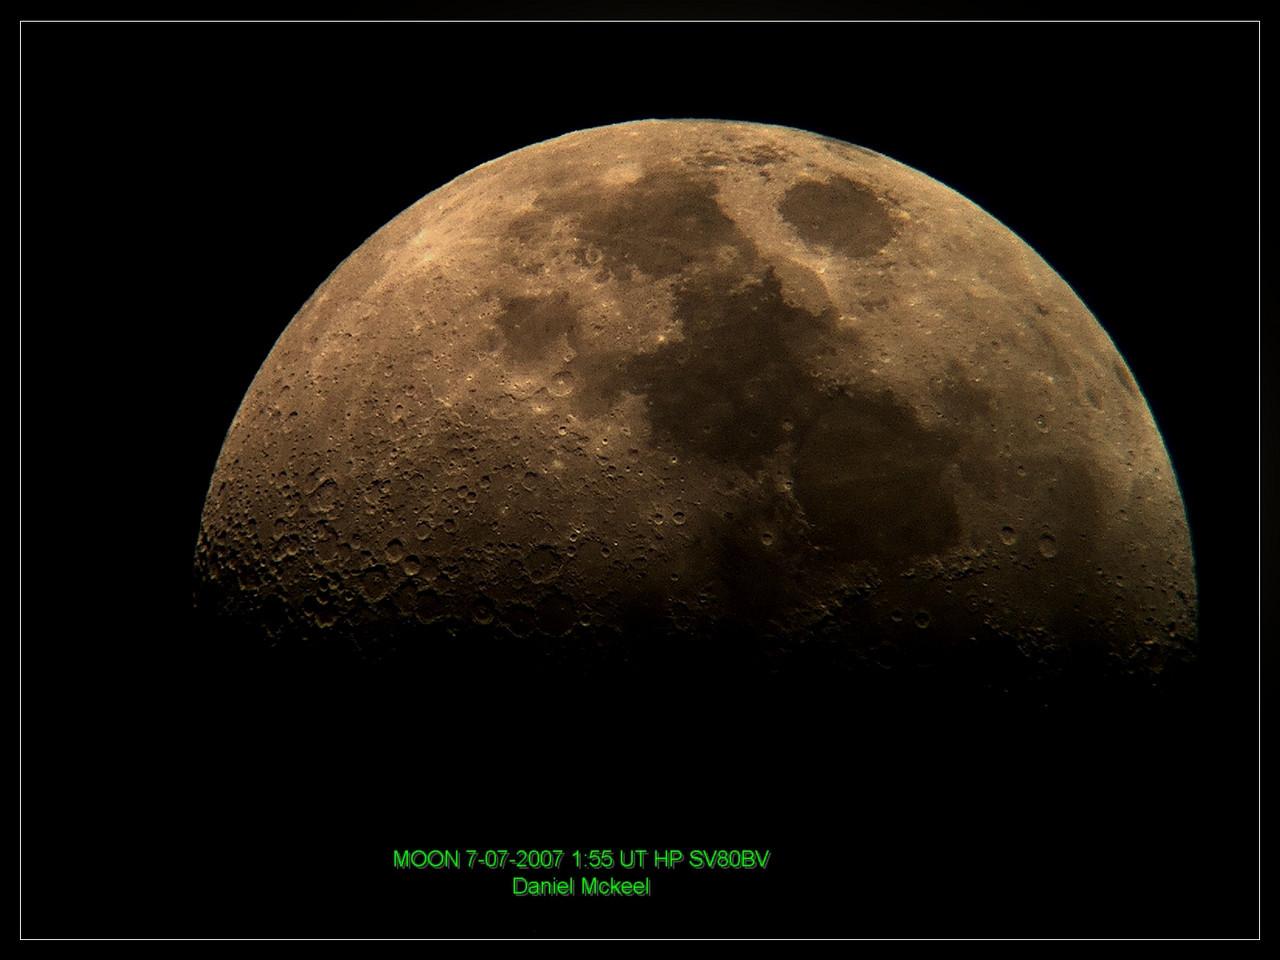 July 07, 2007 - Moon   Image by Dan McKeel.